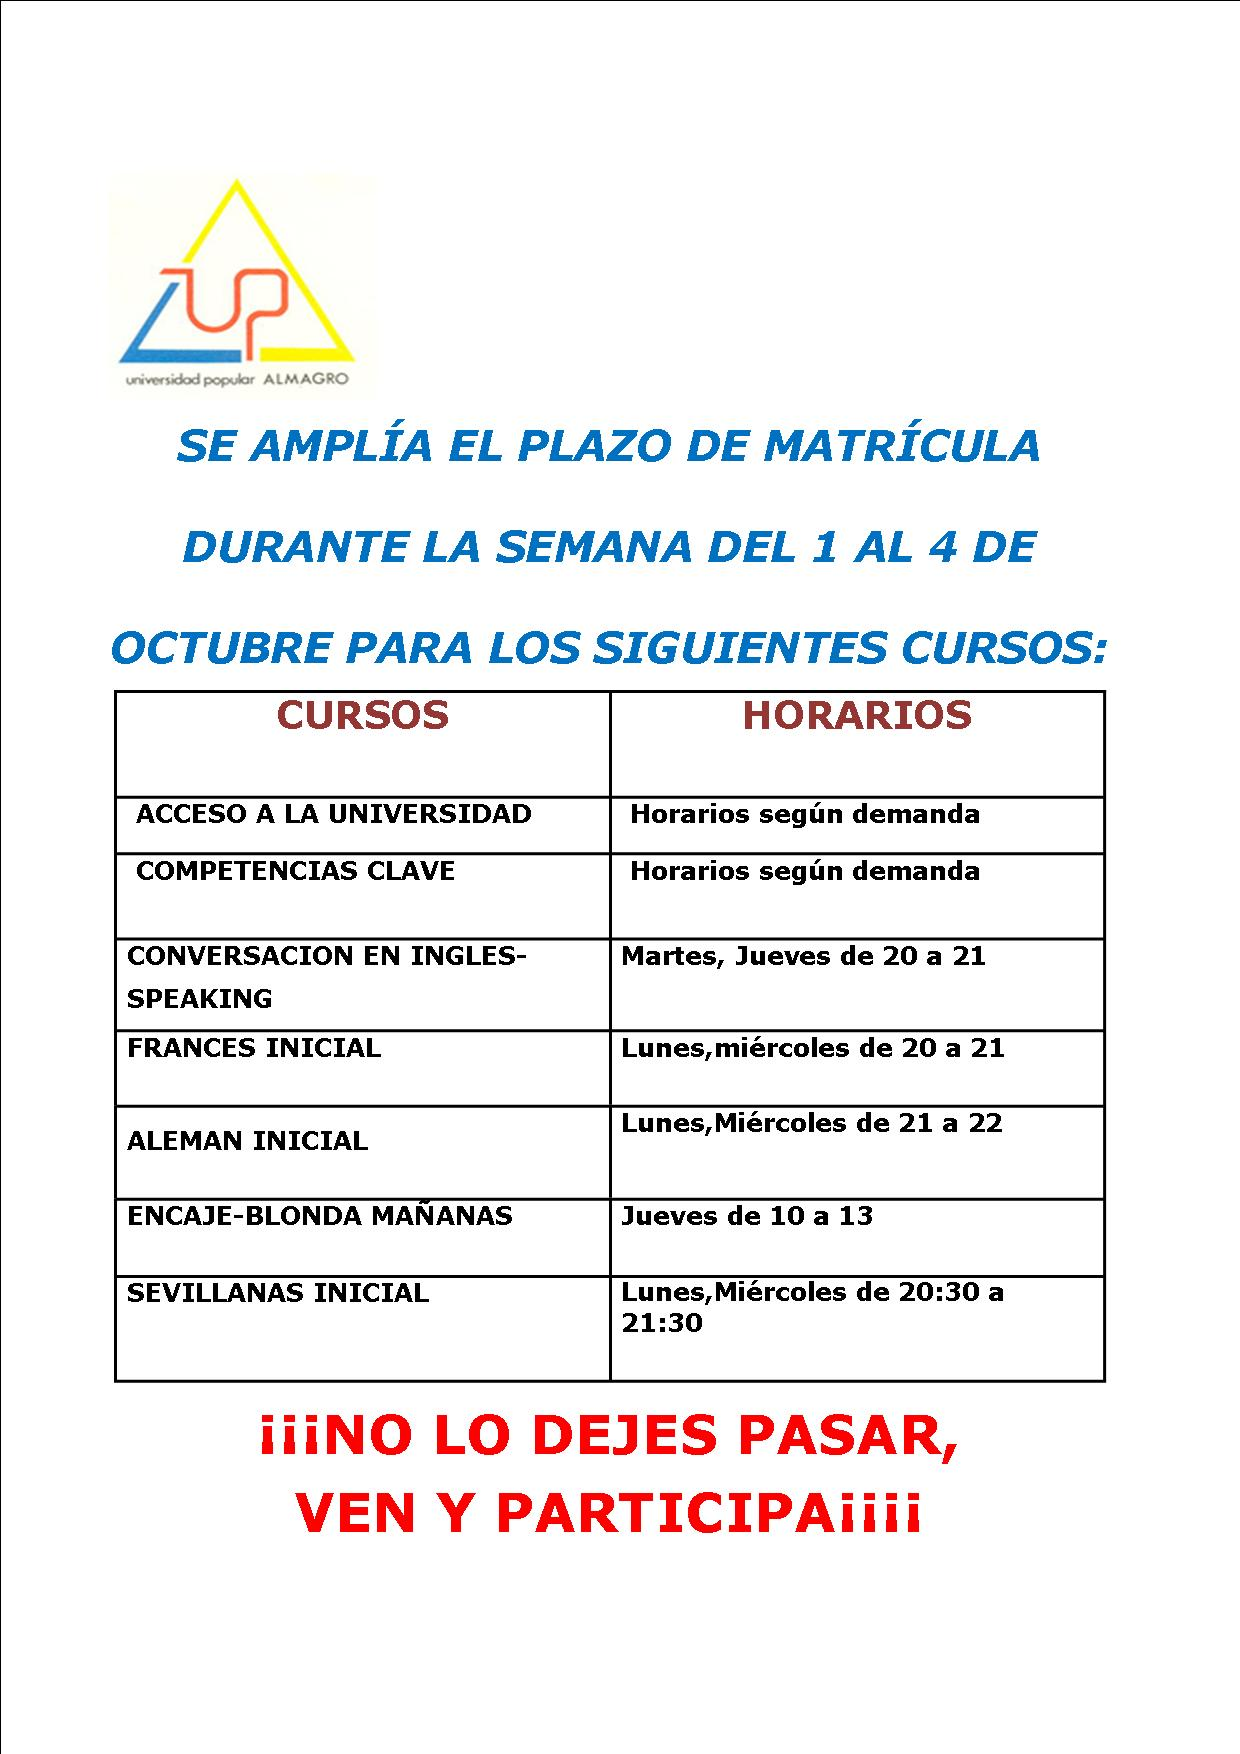 Universidad Popular de Almagro